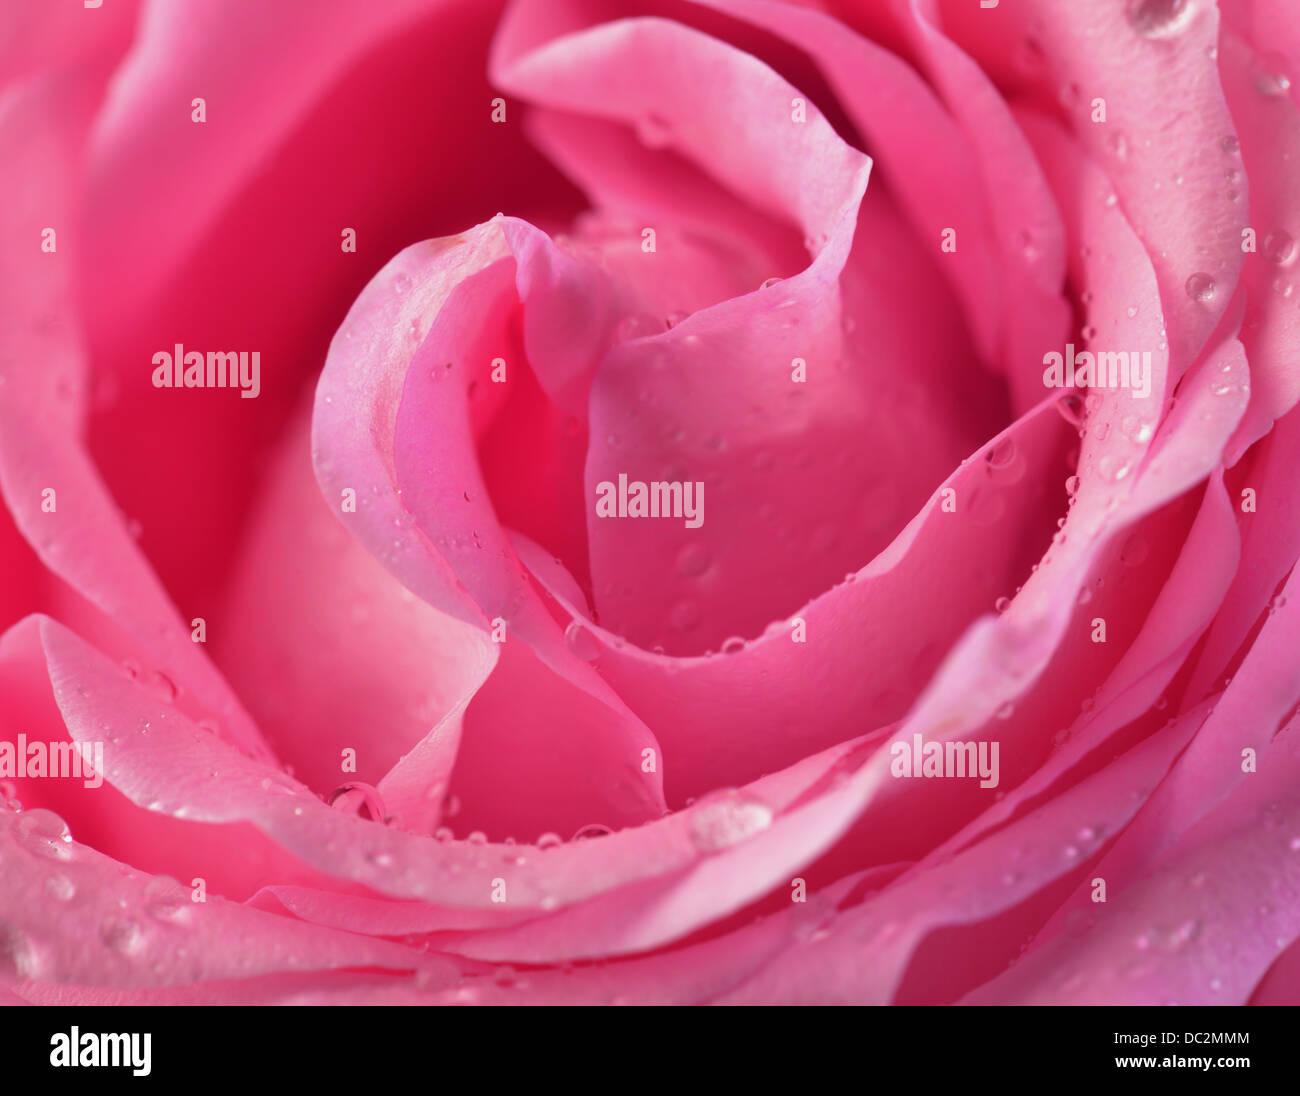 Bouton de rose rose macro avec les gouttes d'eau Photo Stock